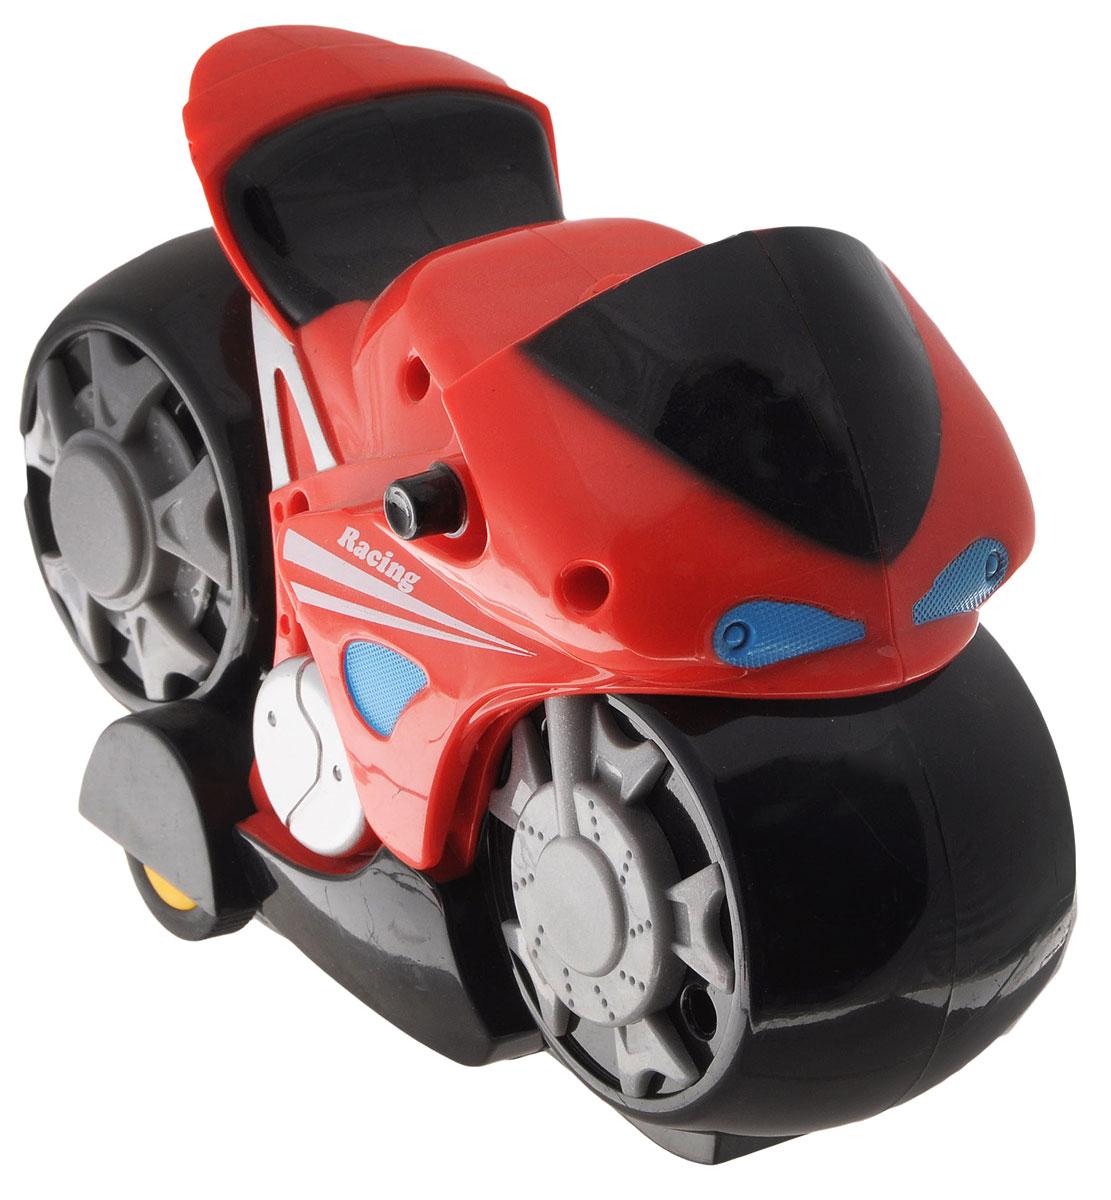 Mioshi Мотоцикл на радиоуправлении Мотокросс цвет красныйMTE1203-004Мотоцикл на радиоуправлении Mioshi Мотокросс - это очень интересная и занимательная игрушка. Выполнена в ярком дизайне из прочных и безопасных материалов. Мотоцикл оснащен подсветкой и звуковыми эффектами. Такая игрушка поможет малышу развить цветовое восприятие, мелкую моторику рук, координацию движений, фантазию и воображение. Мотоцикл разнообразит игровые ситуации и откроет малышу новые сюжеты. Не упустите шанс порадовать своего ребенка замечательным подарком! Для работы мотоцикла необходимо купить 3 батарейки типа АА (не входят в комплект). Для работы пульта управления необходимо купить 2 батарейки типа АА (не входят в комплект).